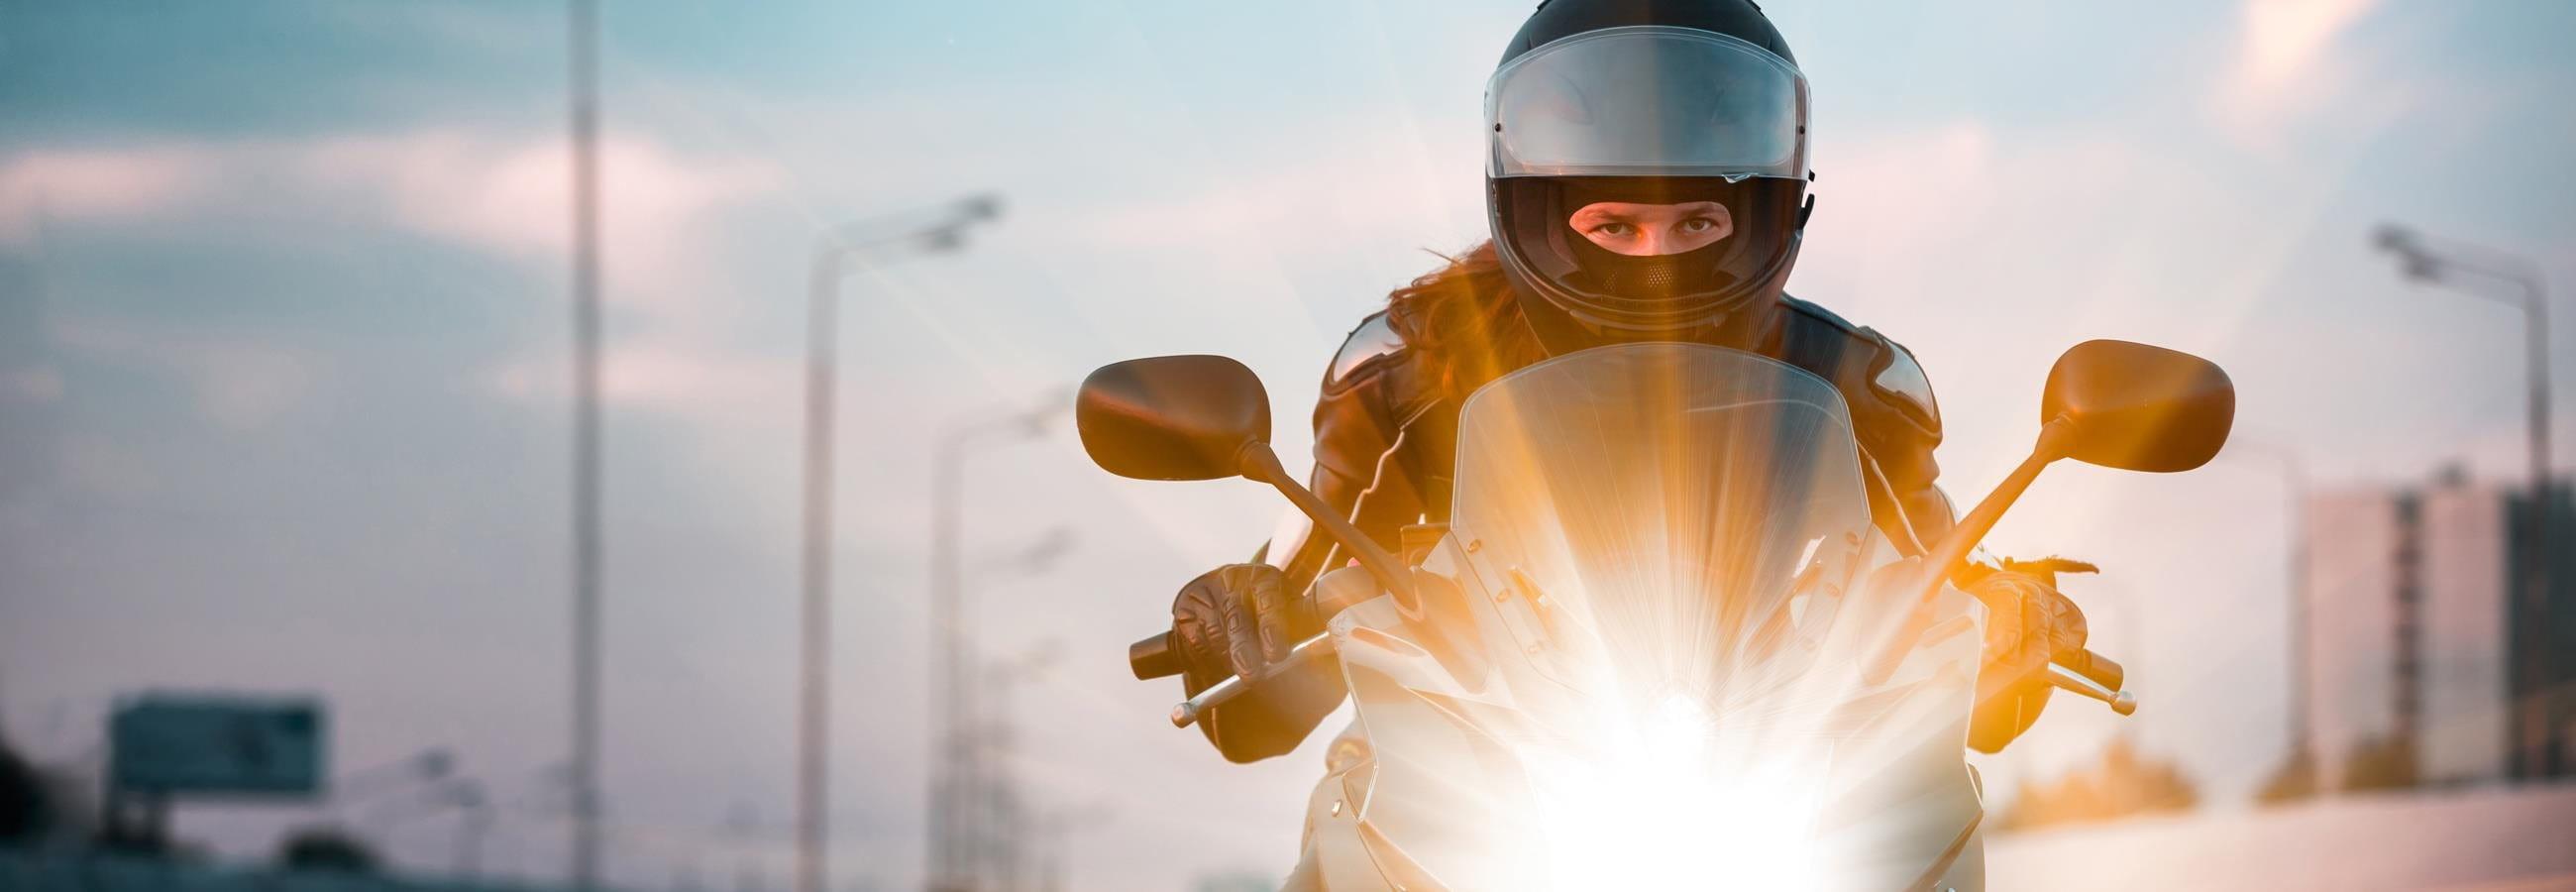 Sicher motorradfahren